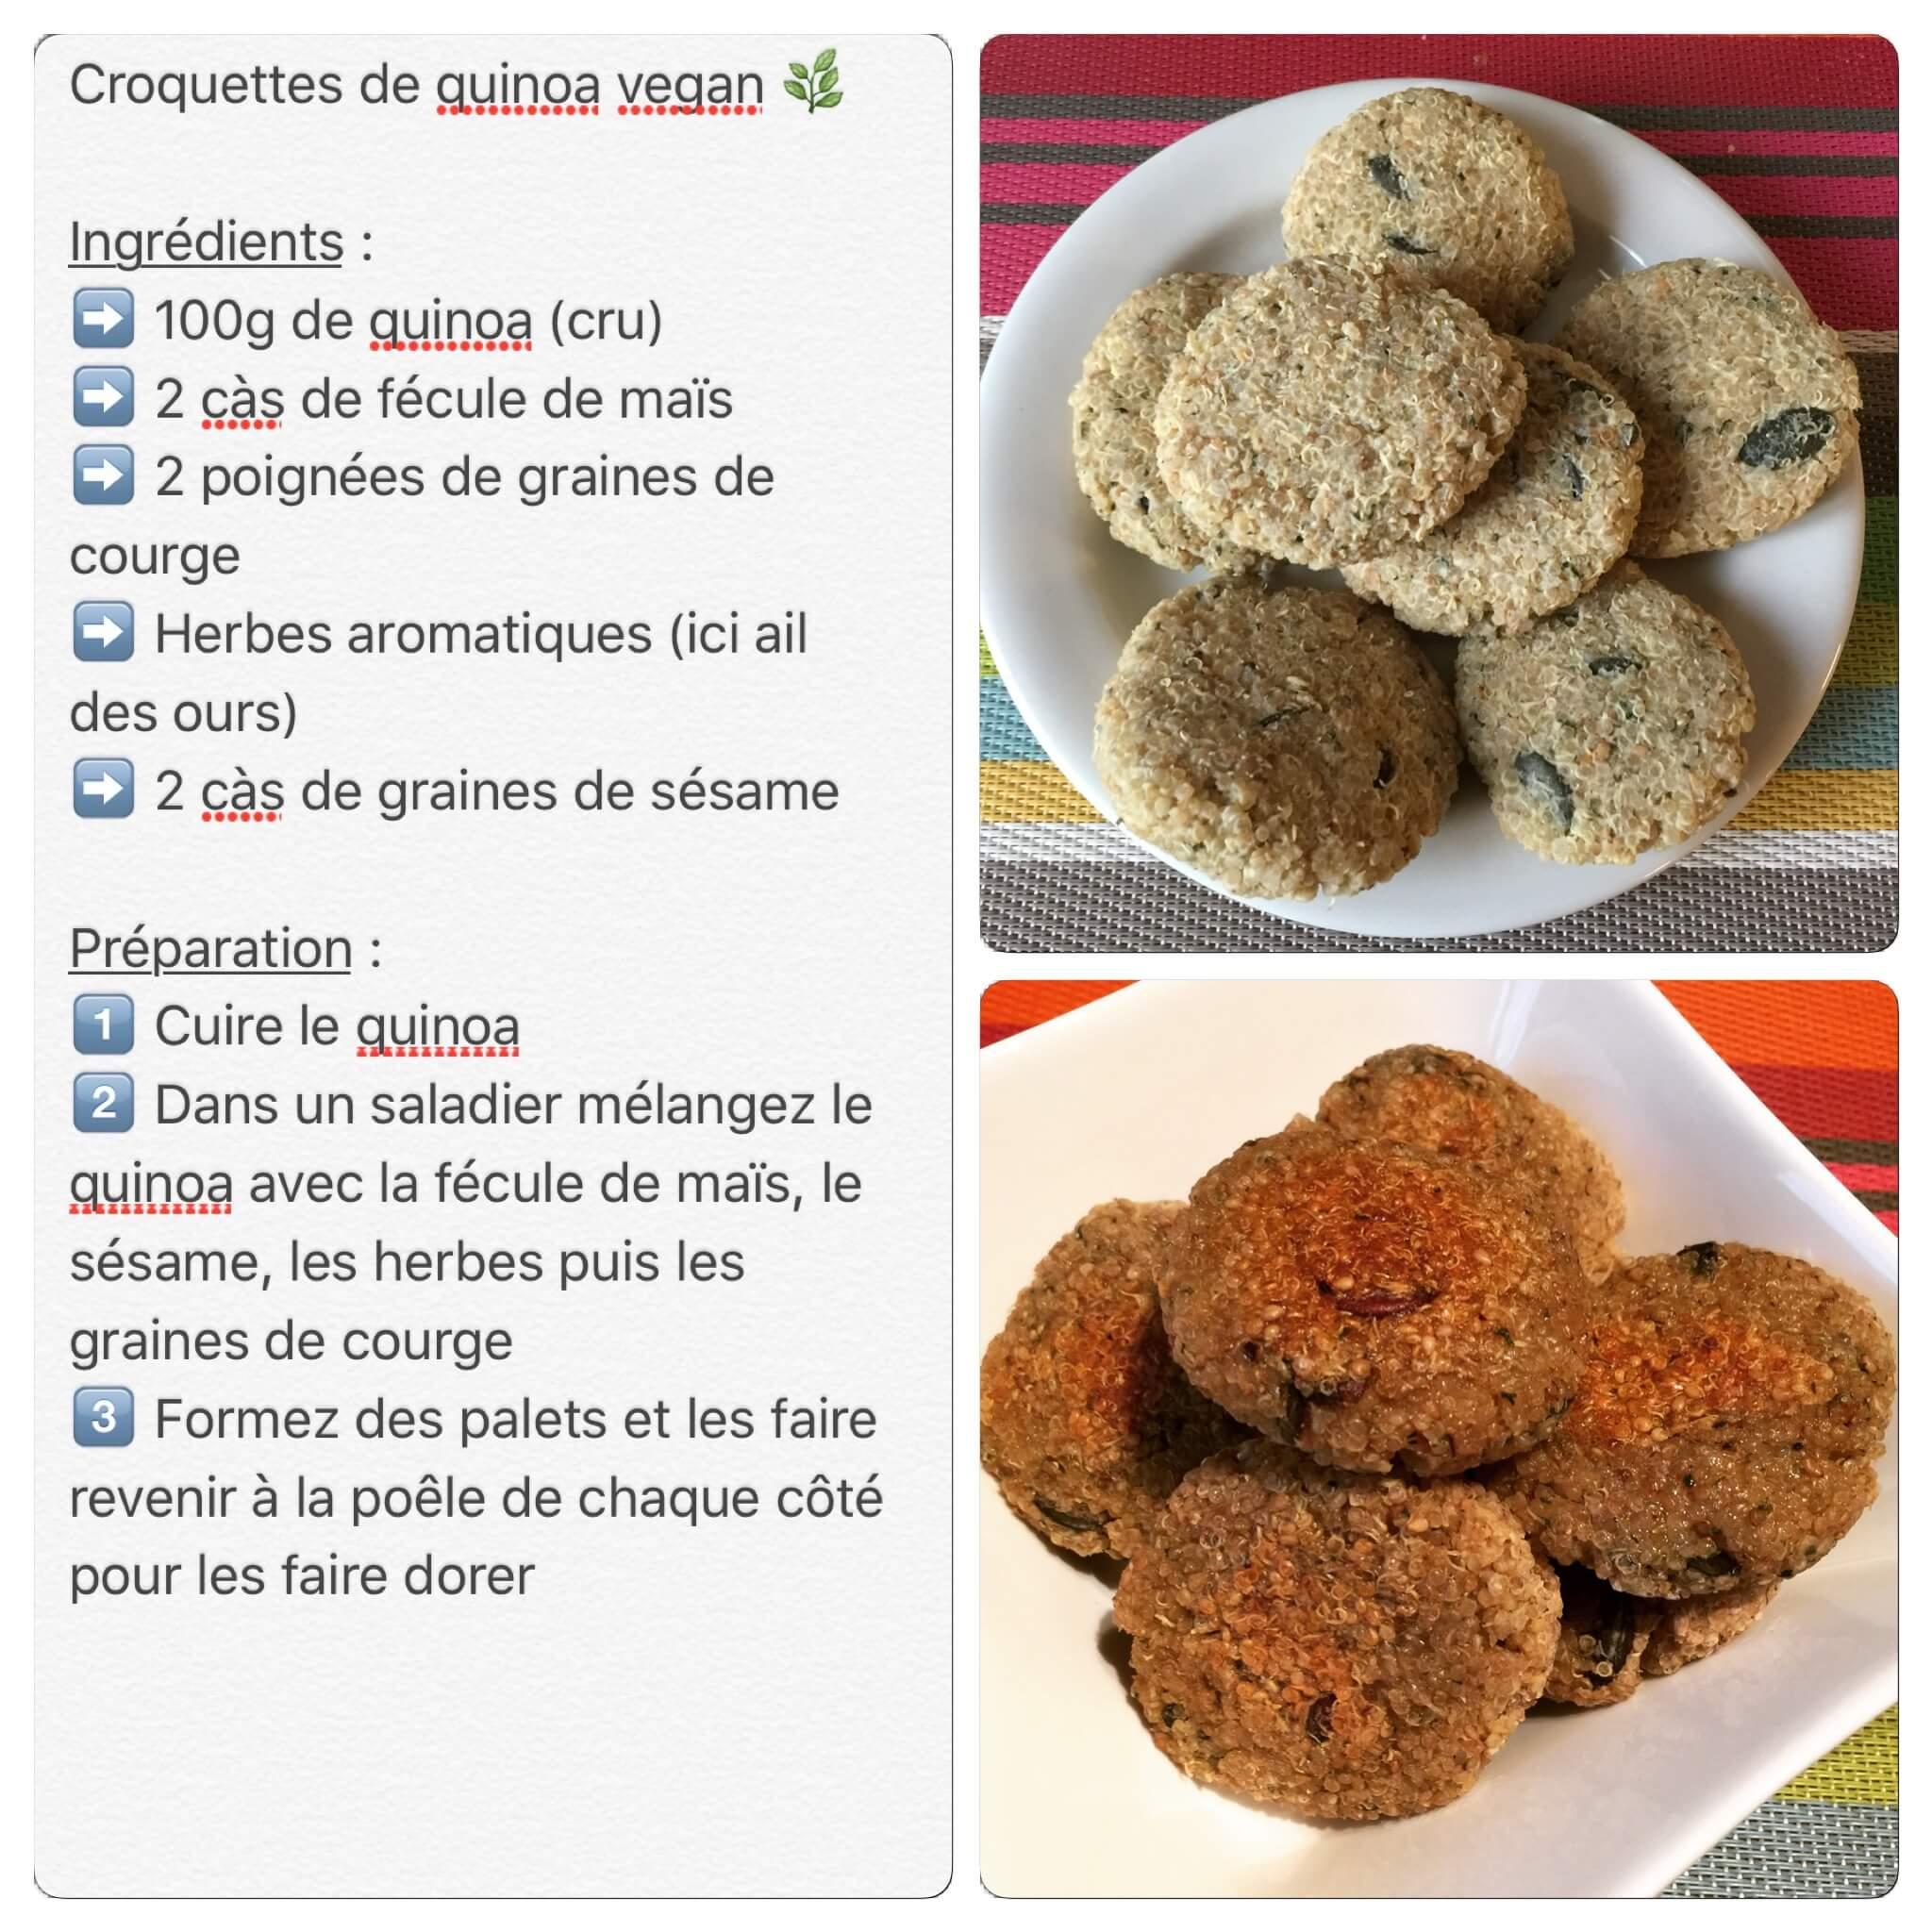 Recette de croquettes de quinoa et graines courge vegan